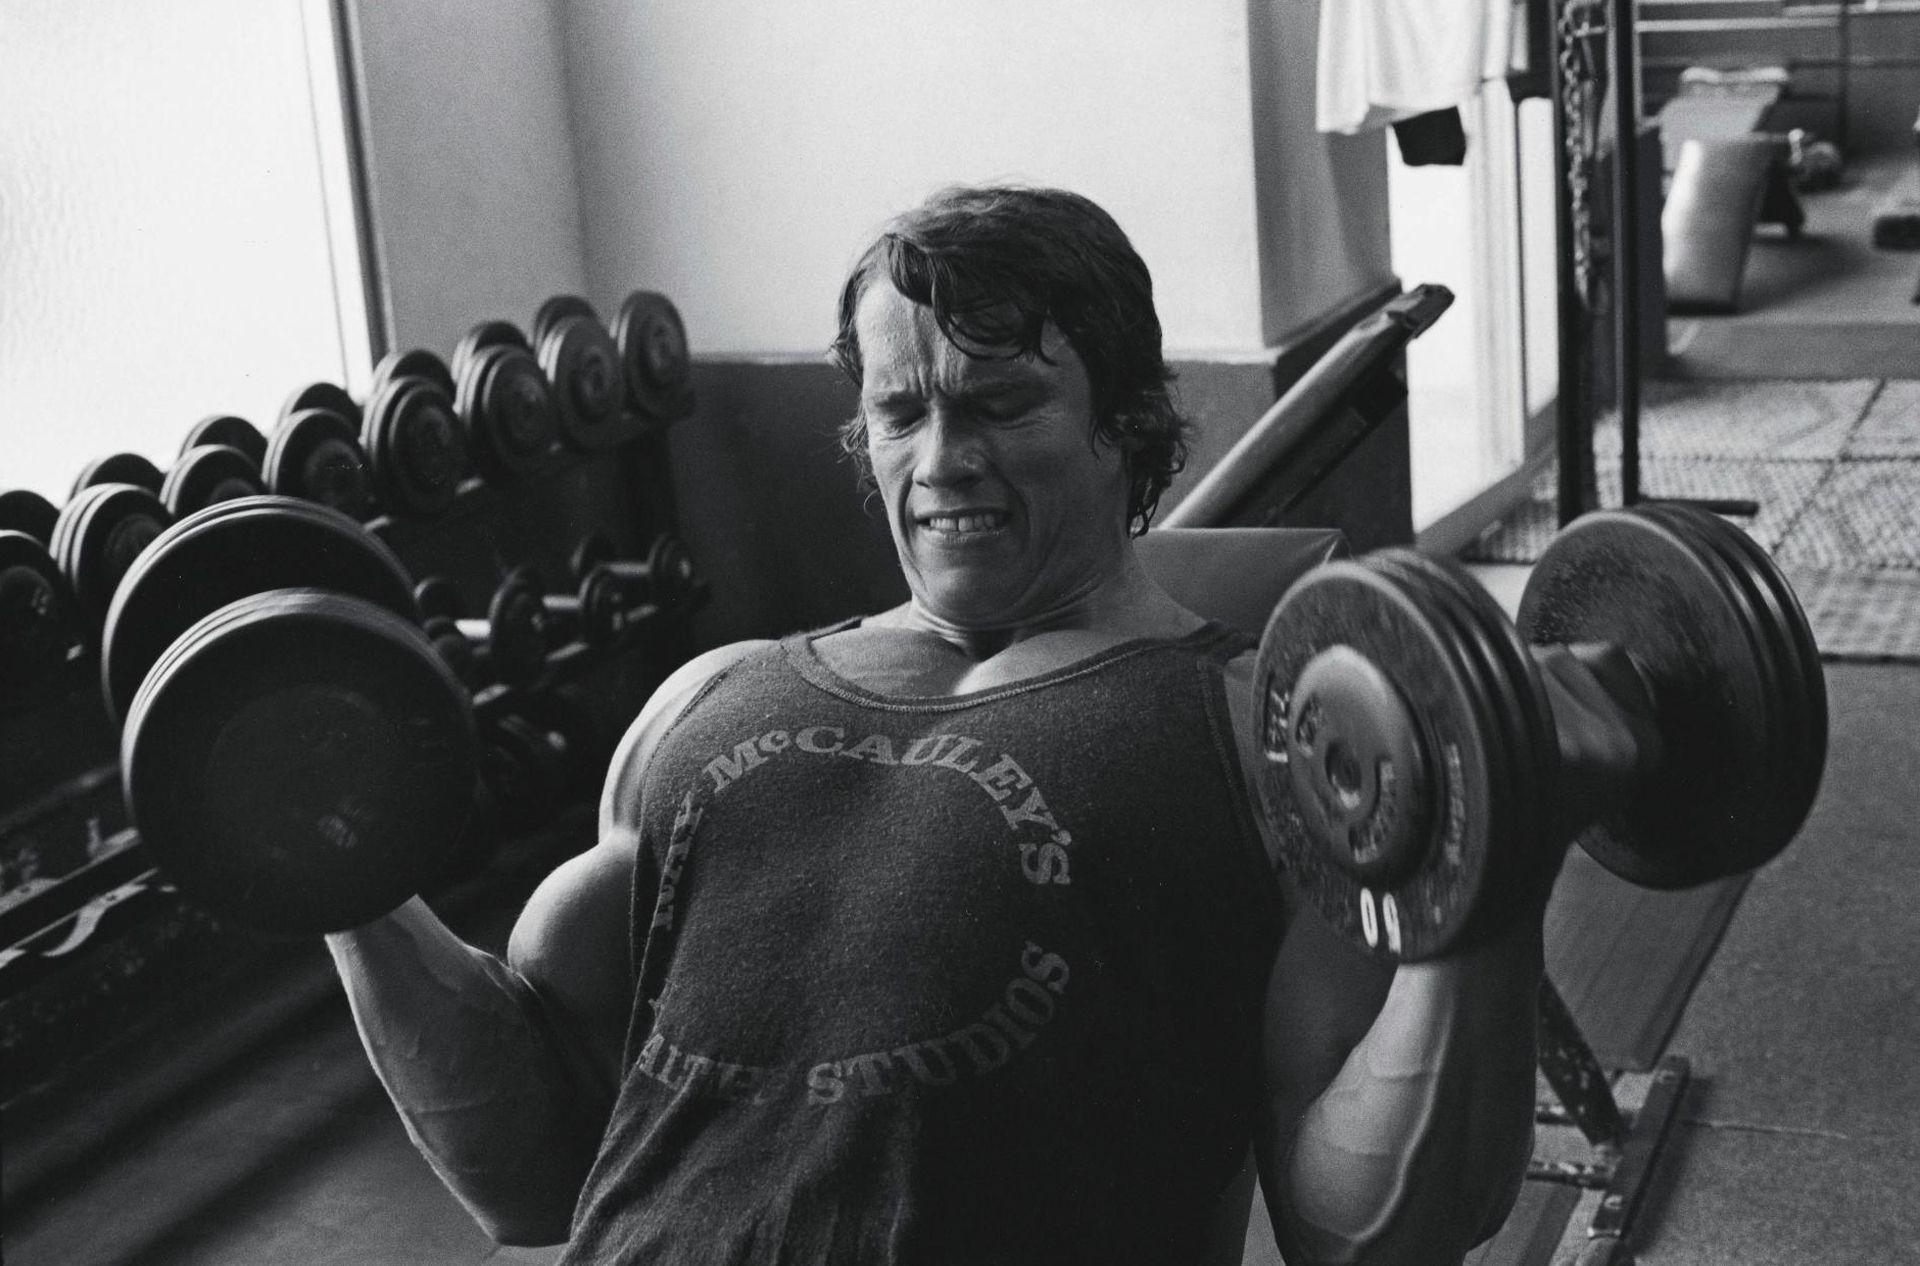 Arms Workout Biceps Schwarzenegger Bodybuilding Arnold Schwarzenegger Bodybuilding Arnold Schwarzenegger